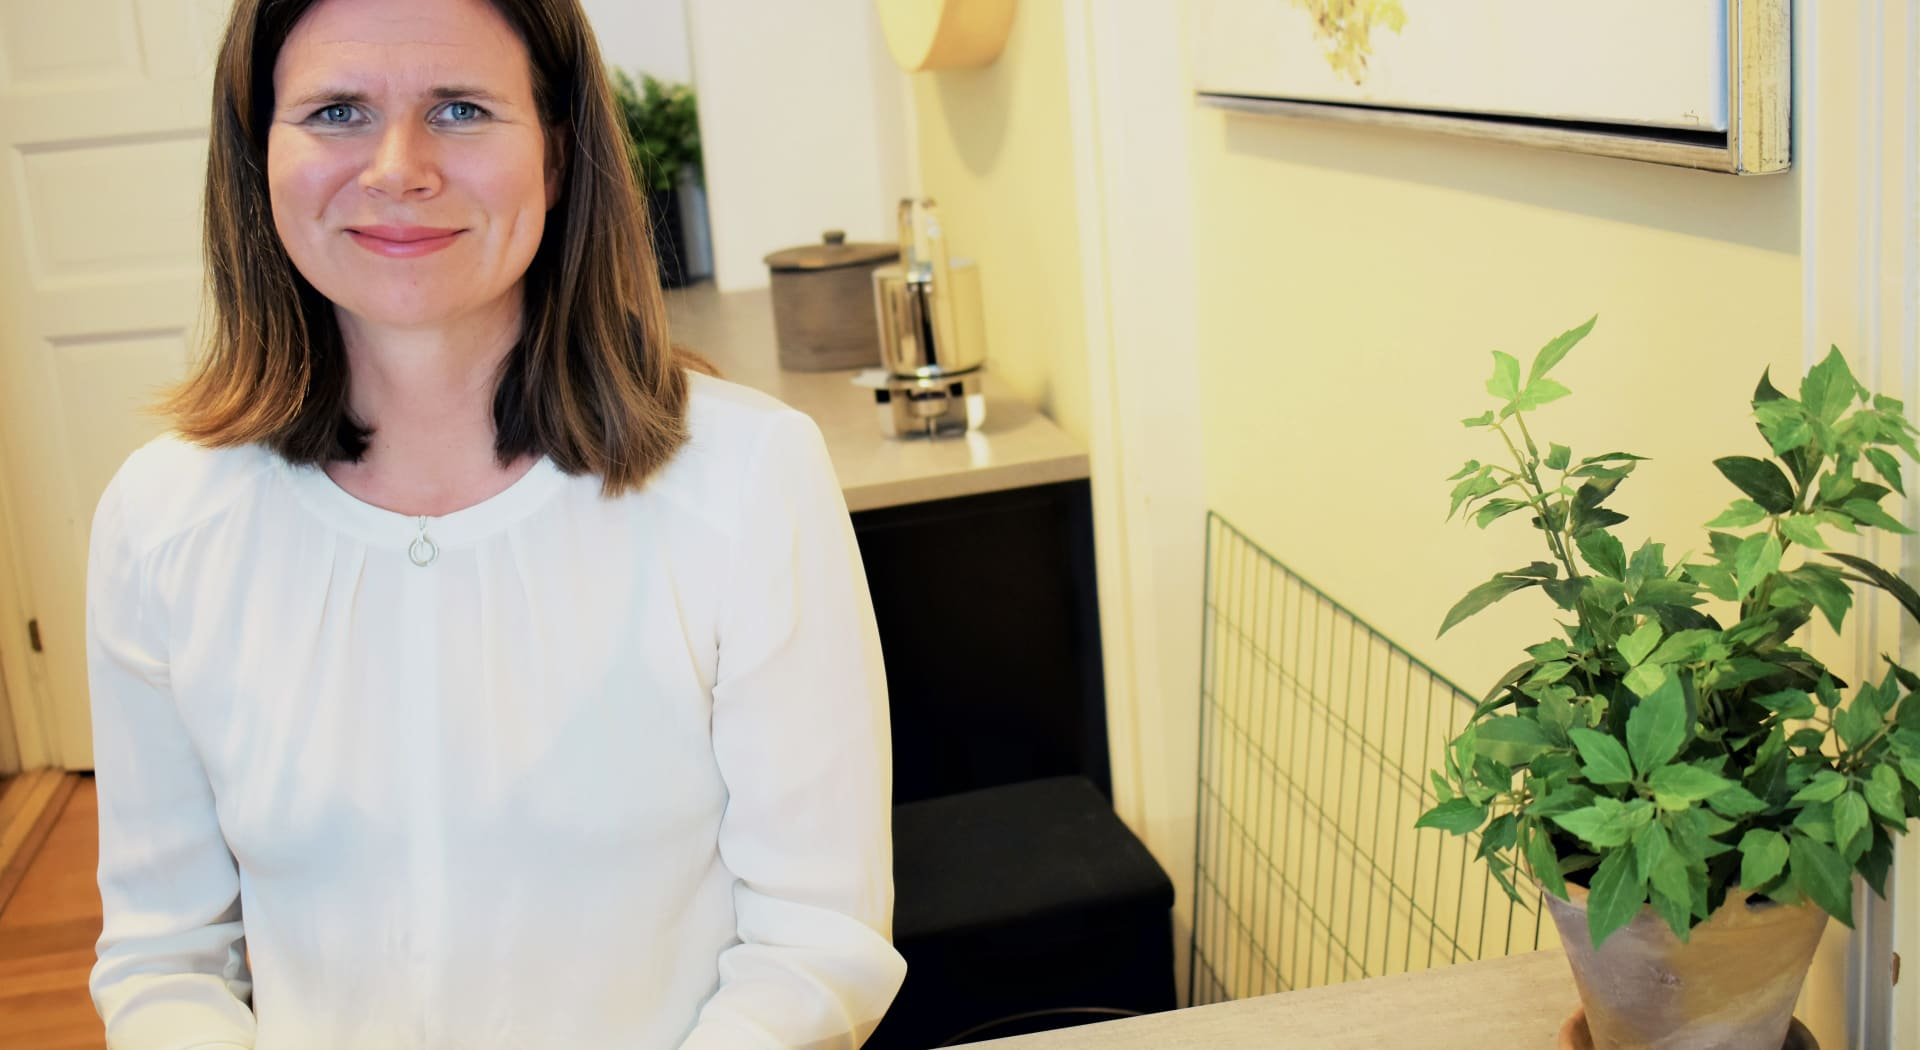 Advokat Nora Løvøi Bjørnstad er en av advokatene som kan hjelpe deg vurdere om saken din bør bringes inn til Finansklagenemnda.